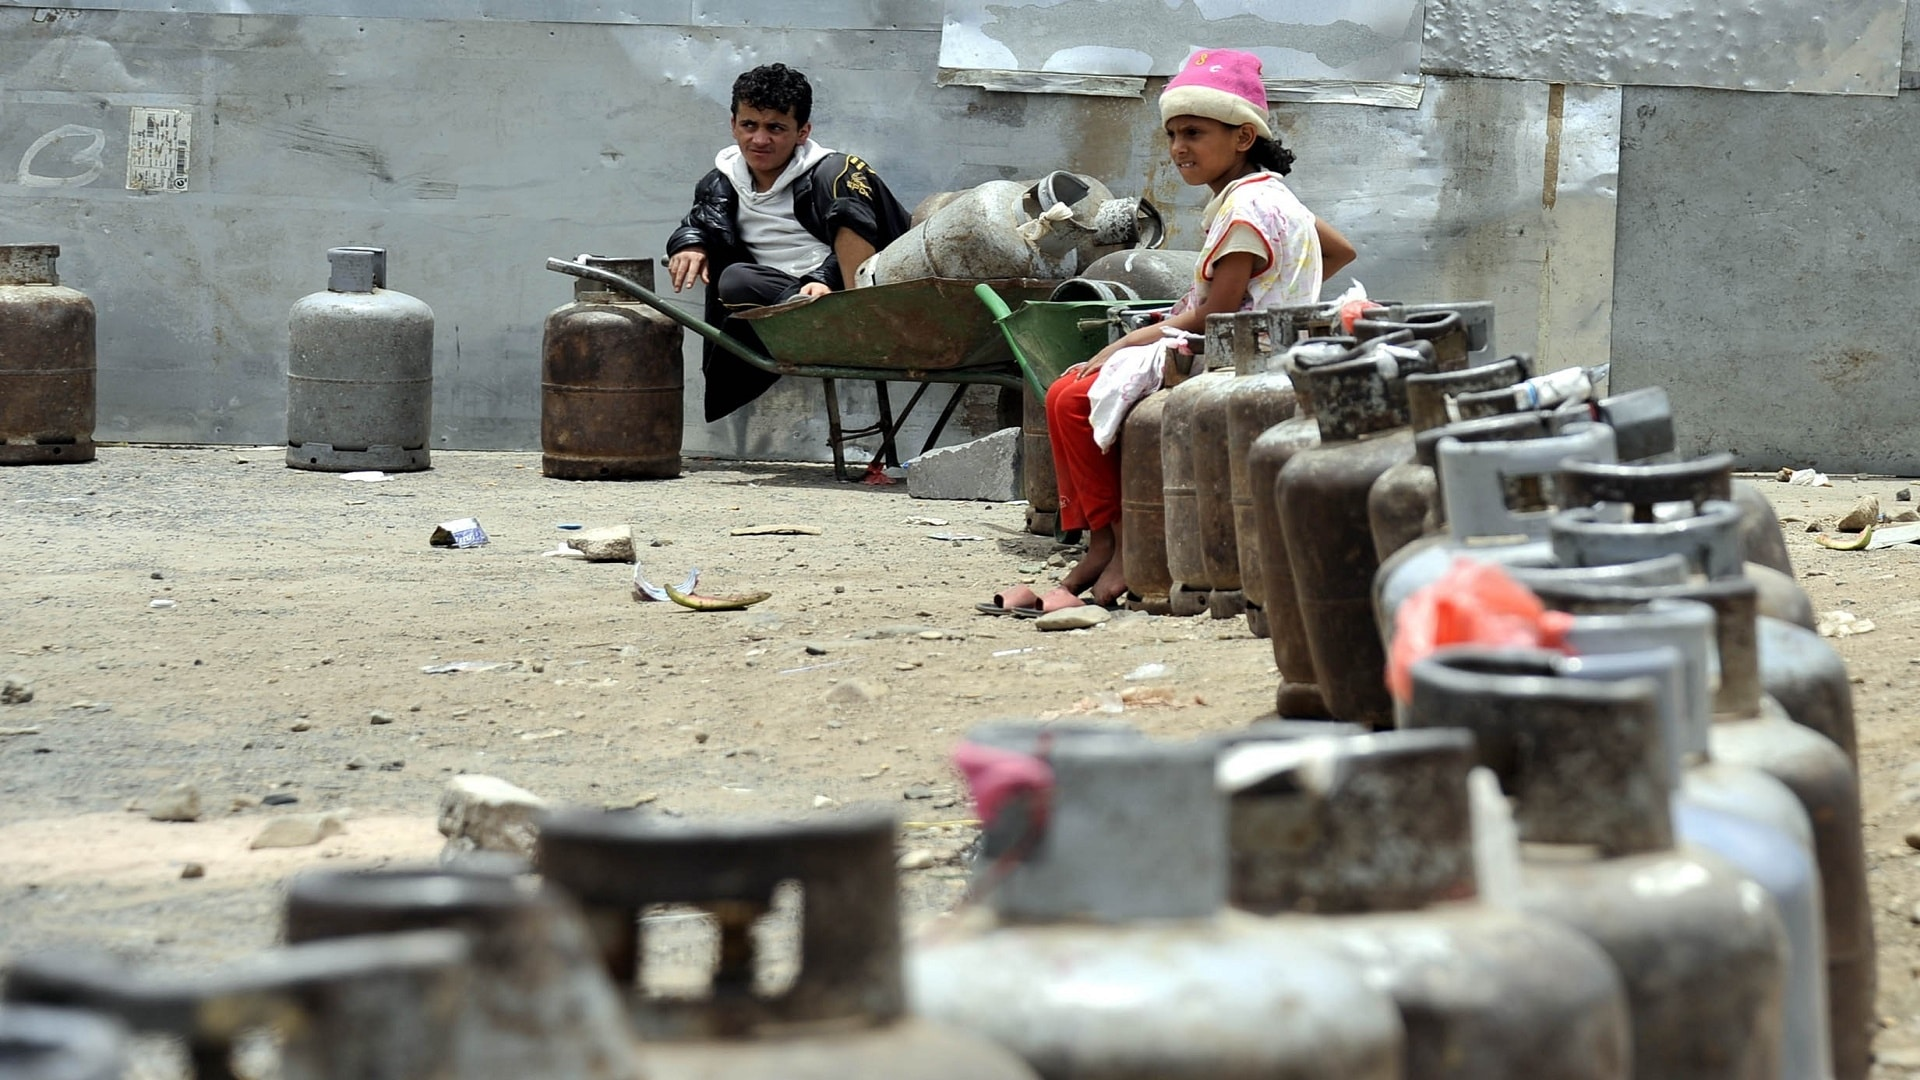 أسعار الغاز تقفز في اليمن